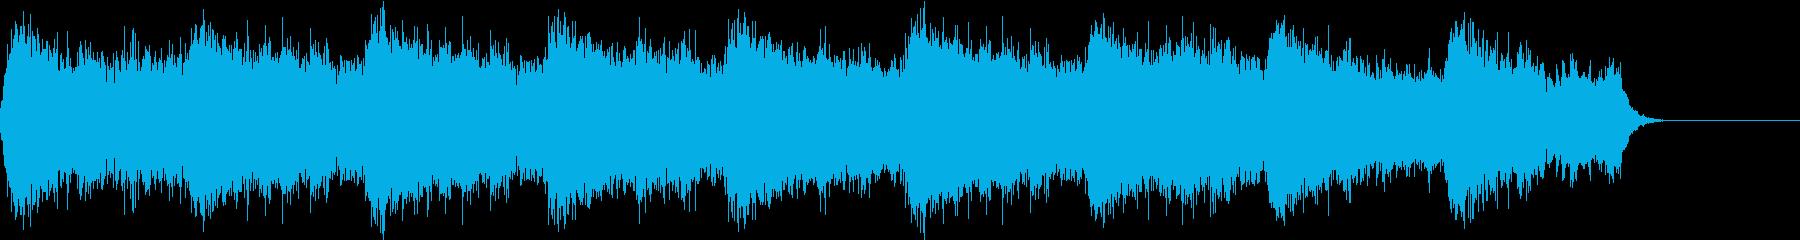 暗く不気味な雰囲気のホラーBGM の再生済みの波形